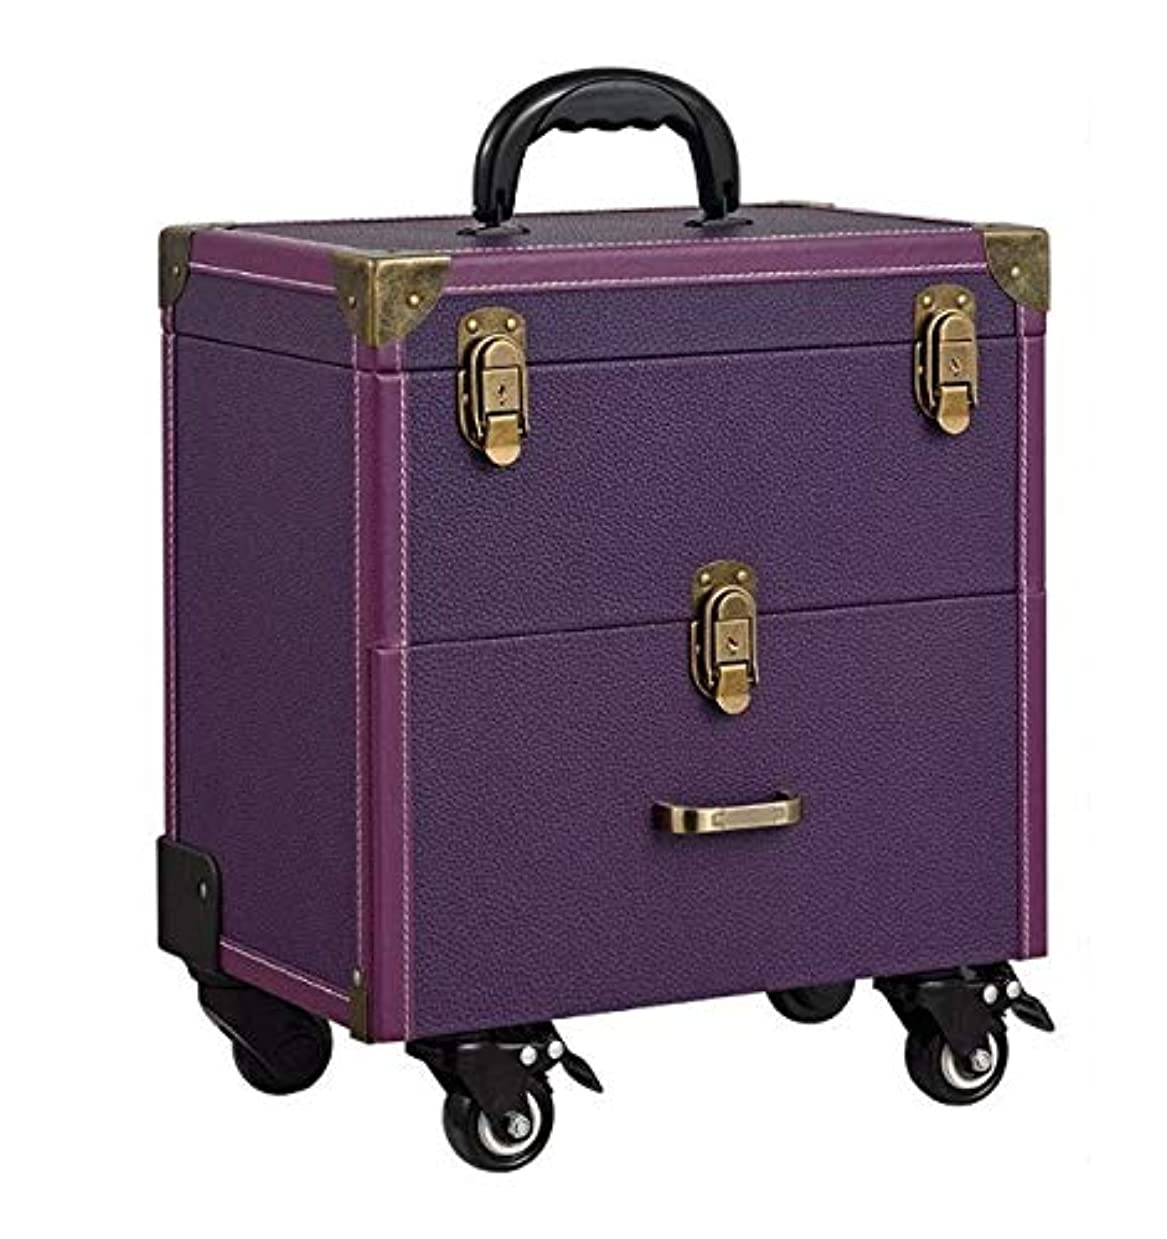 利得人口学んだ化粧箱、大容量二層トロリー化粧品ケース、ポータブル旅行化粧品バッグ収納袋、美容化粧ネイルジュエリー収納ボックス (Color : Purple)